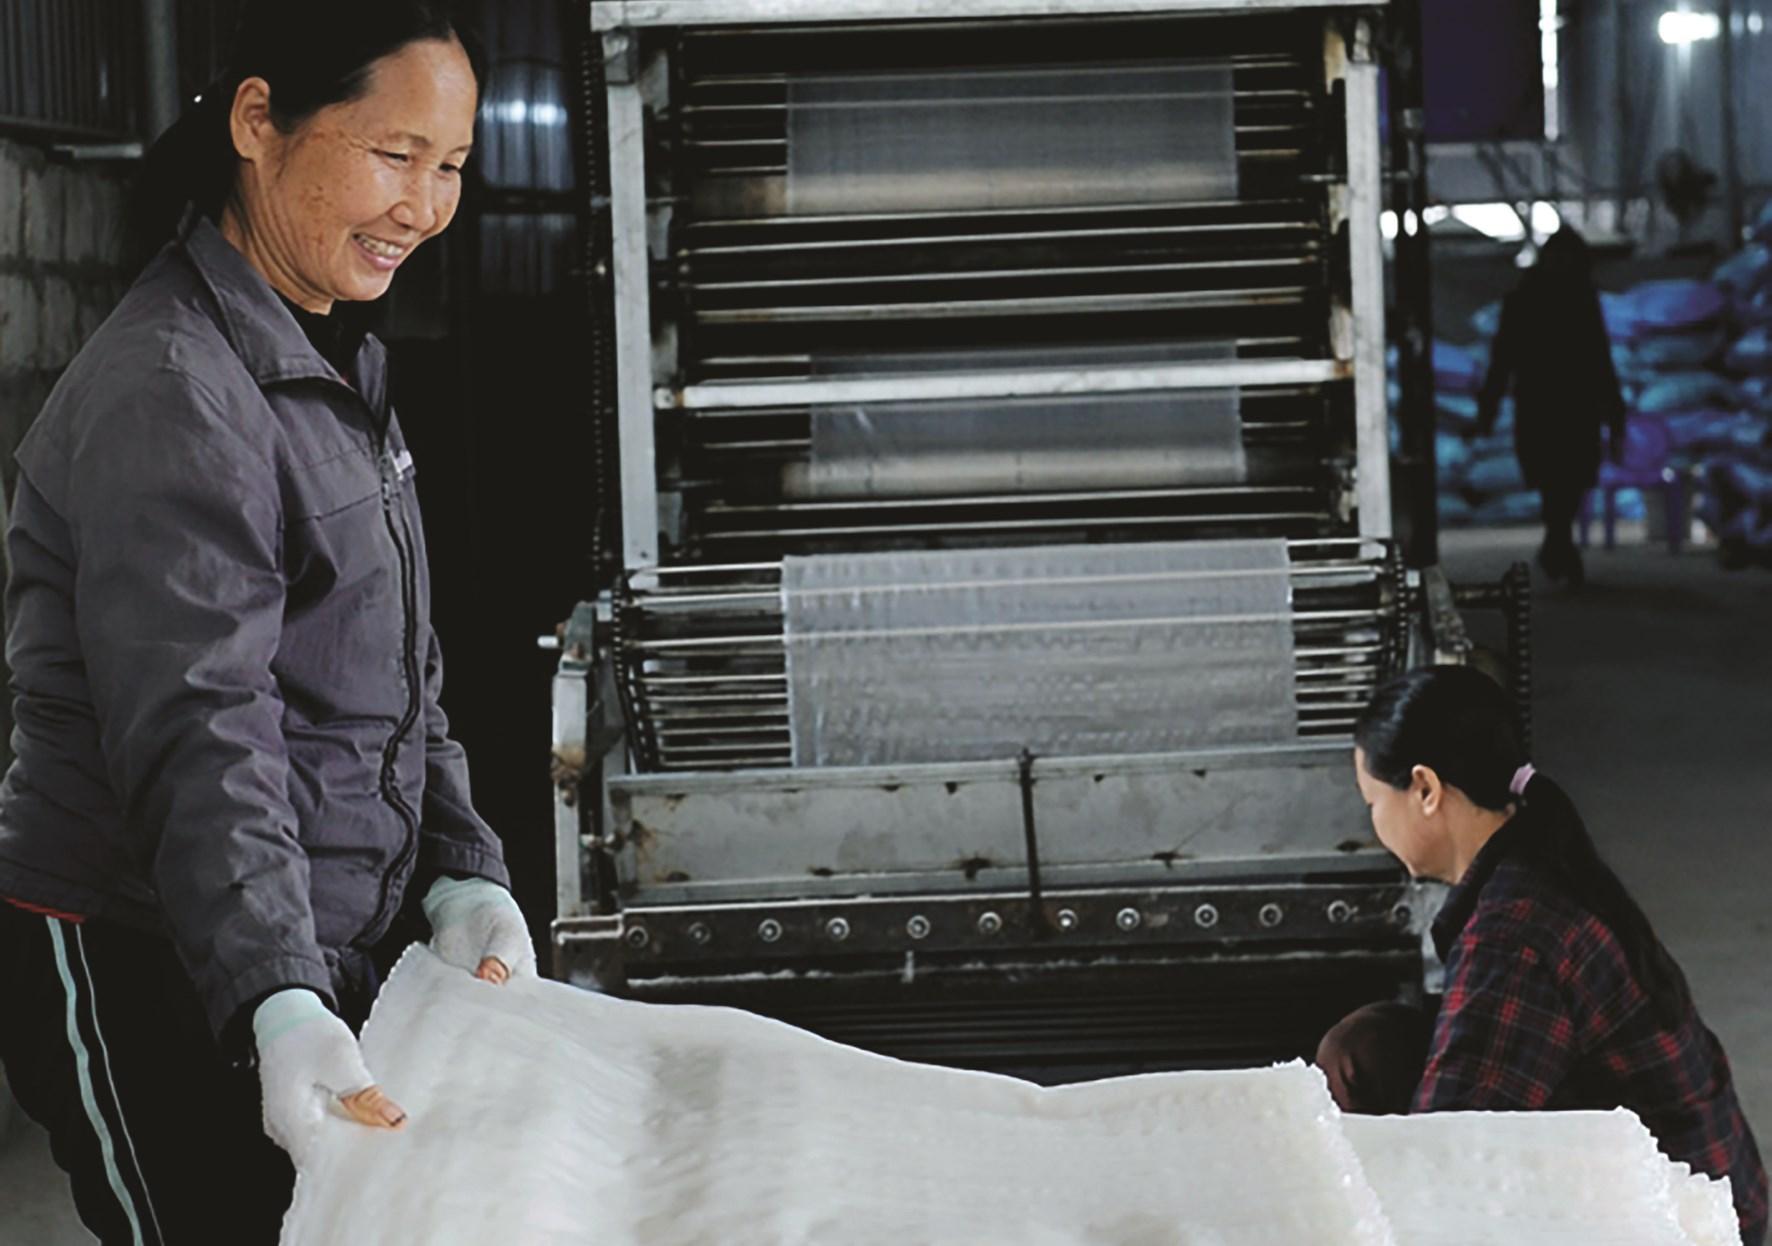 Xã Thái Thịnh hiện có làng nghề Tống Buồng, giải quyết việc làm cho hàng trăm lao động